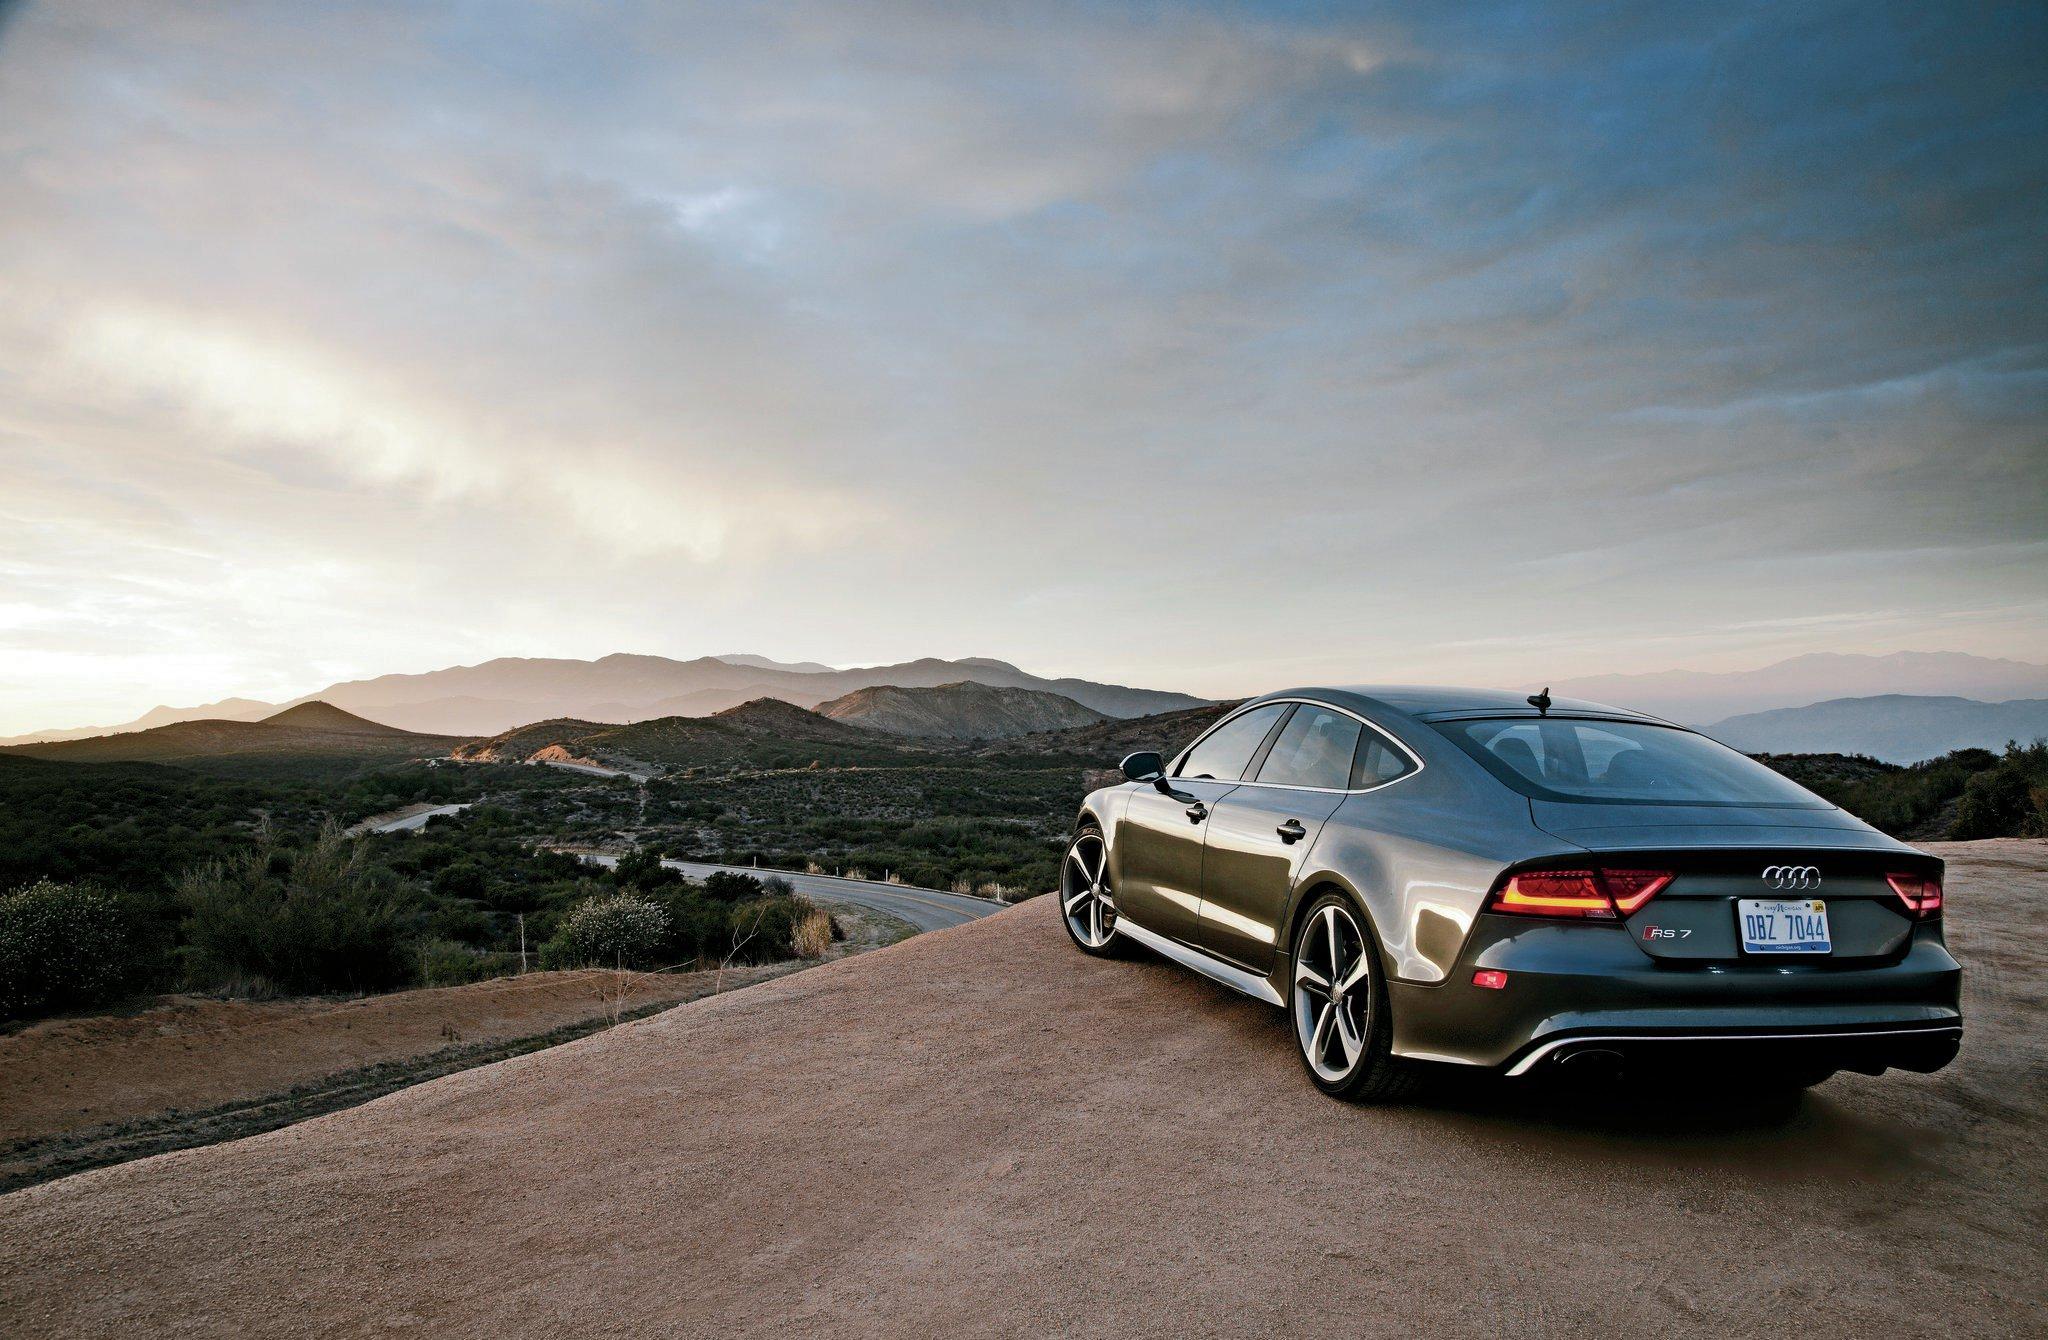 2014 Audi RS 7 Rear Three Quarters